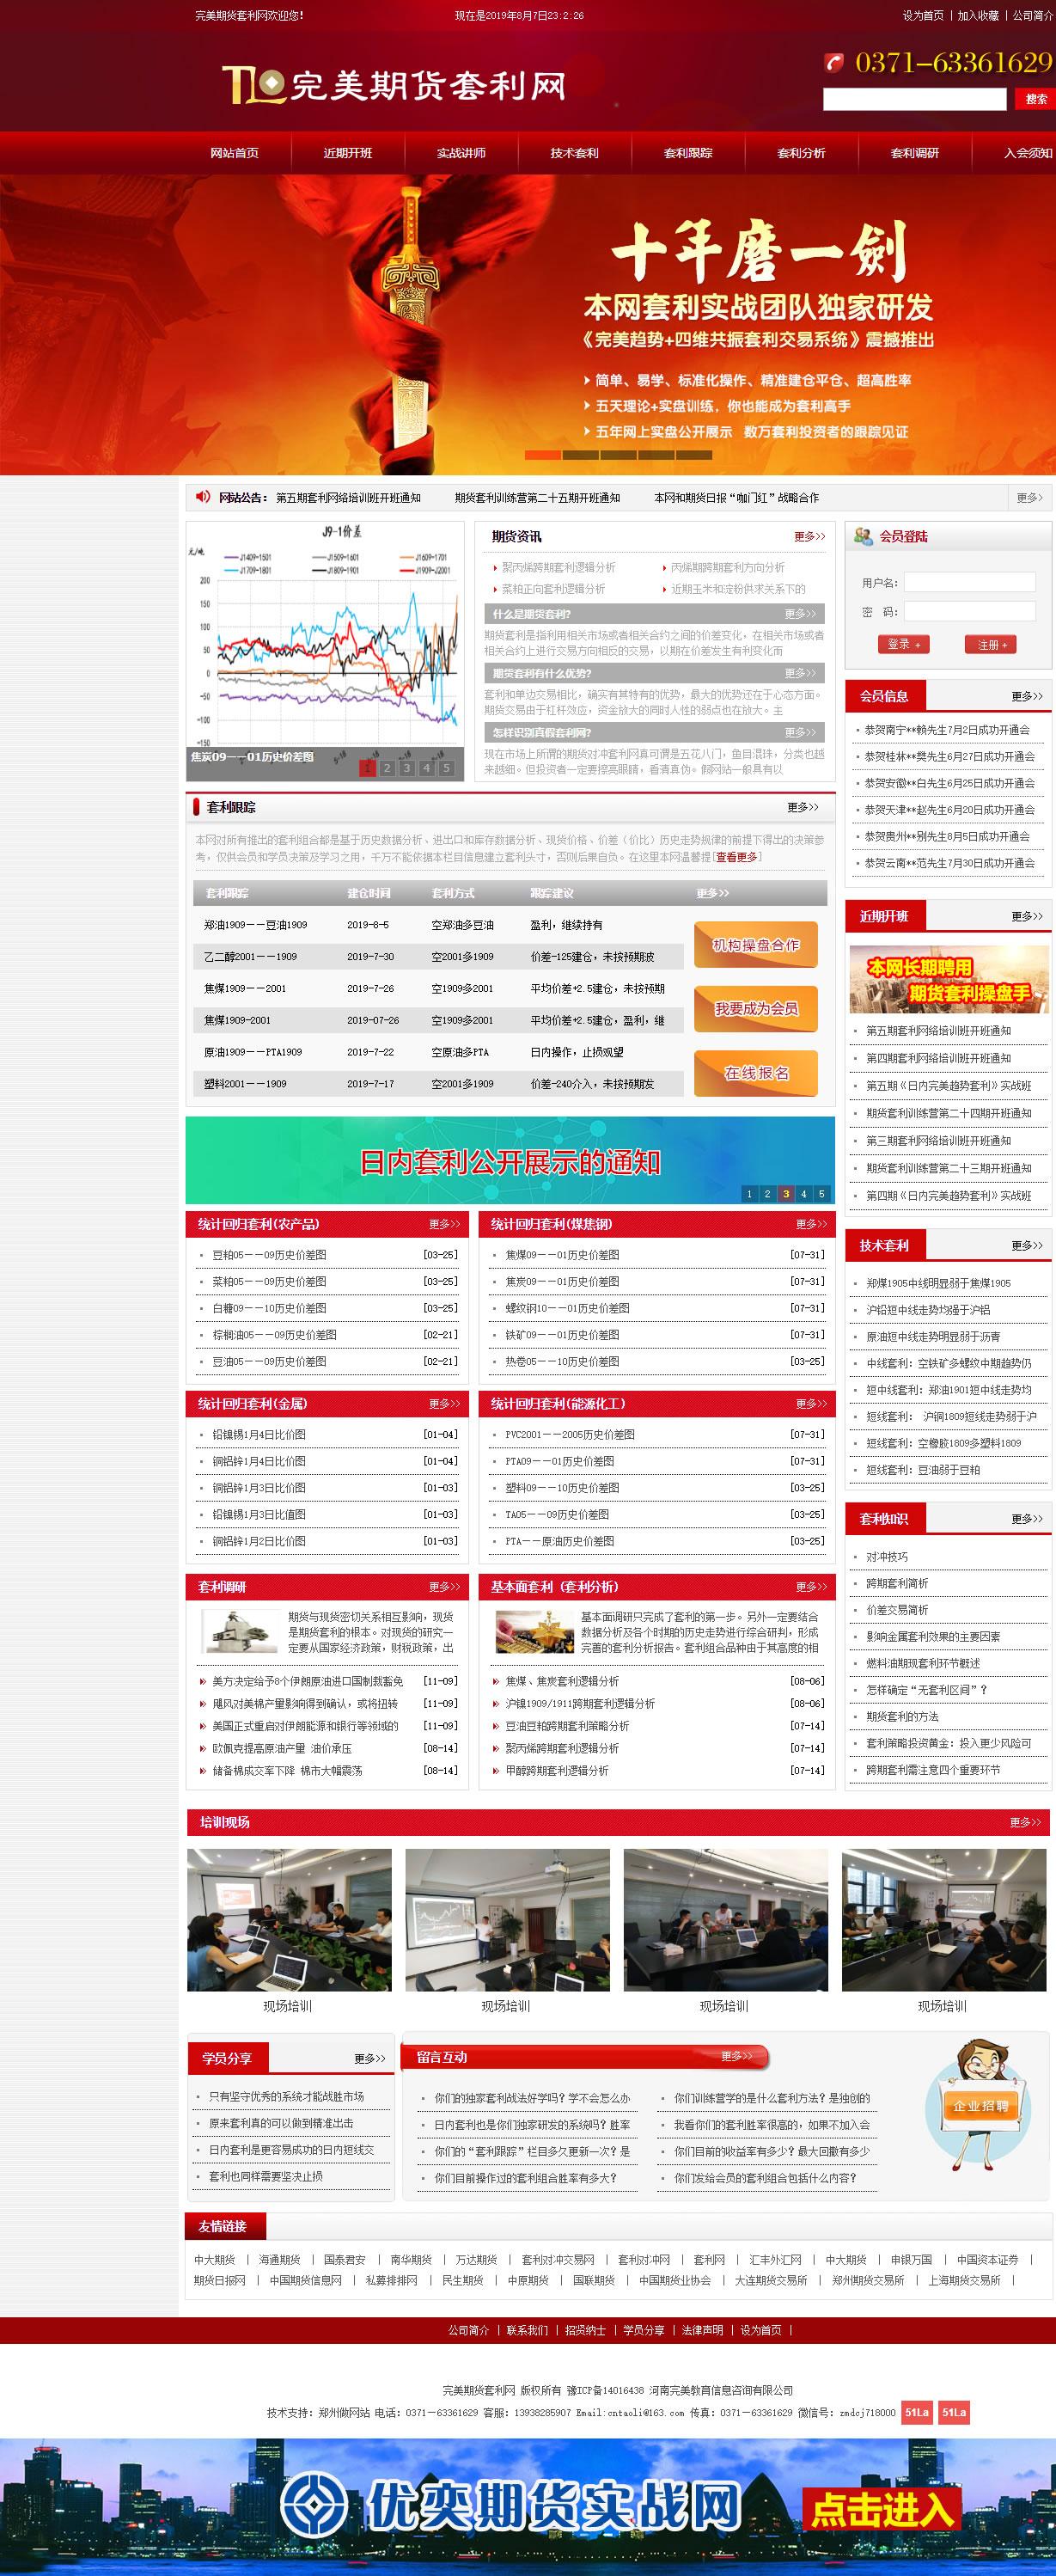 完美期货套利网首页效果图